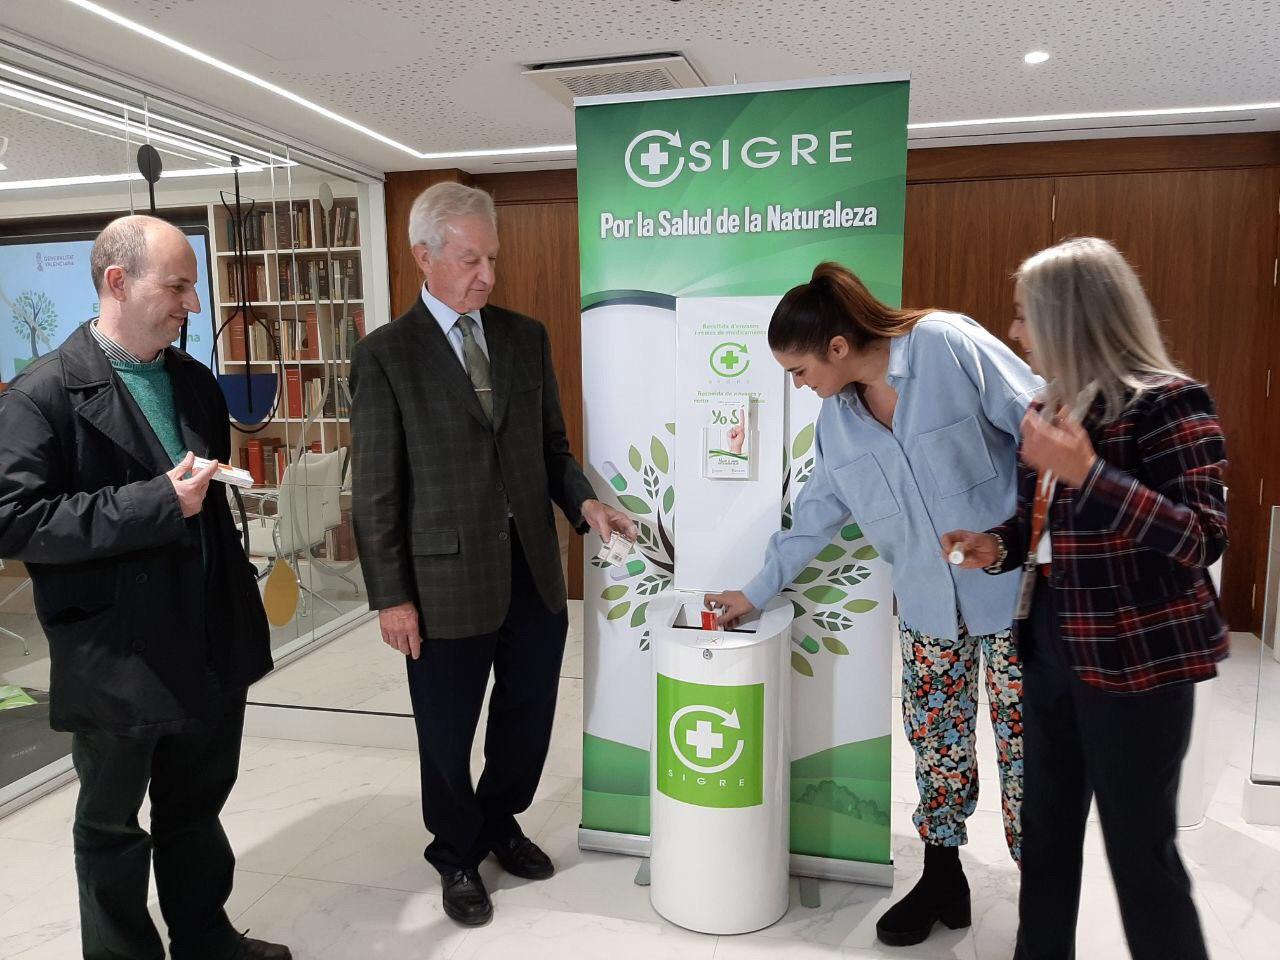 Mollà destaca el liderazgo de la sociedad valenciana en reciclaje de medicamentos, que se sitúa 3 puntos por encima de la media española